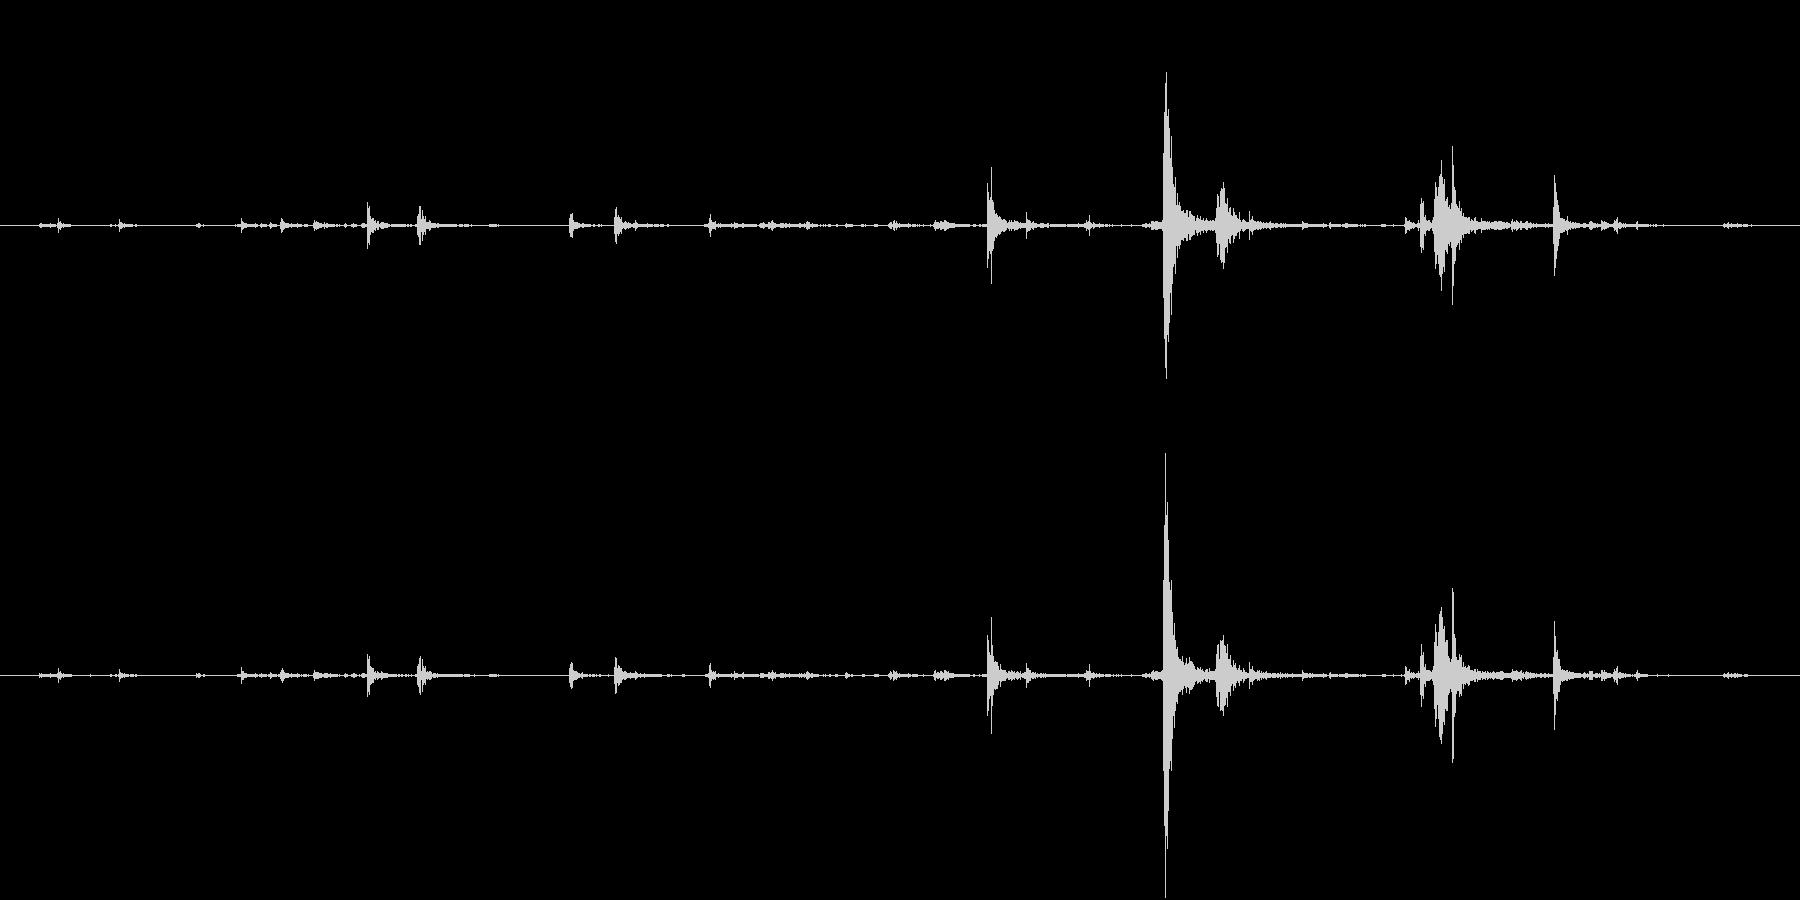 【生録音】弁当・惣菜パックの音 6の未再生の波形